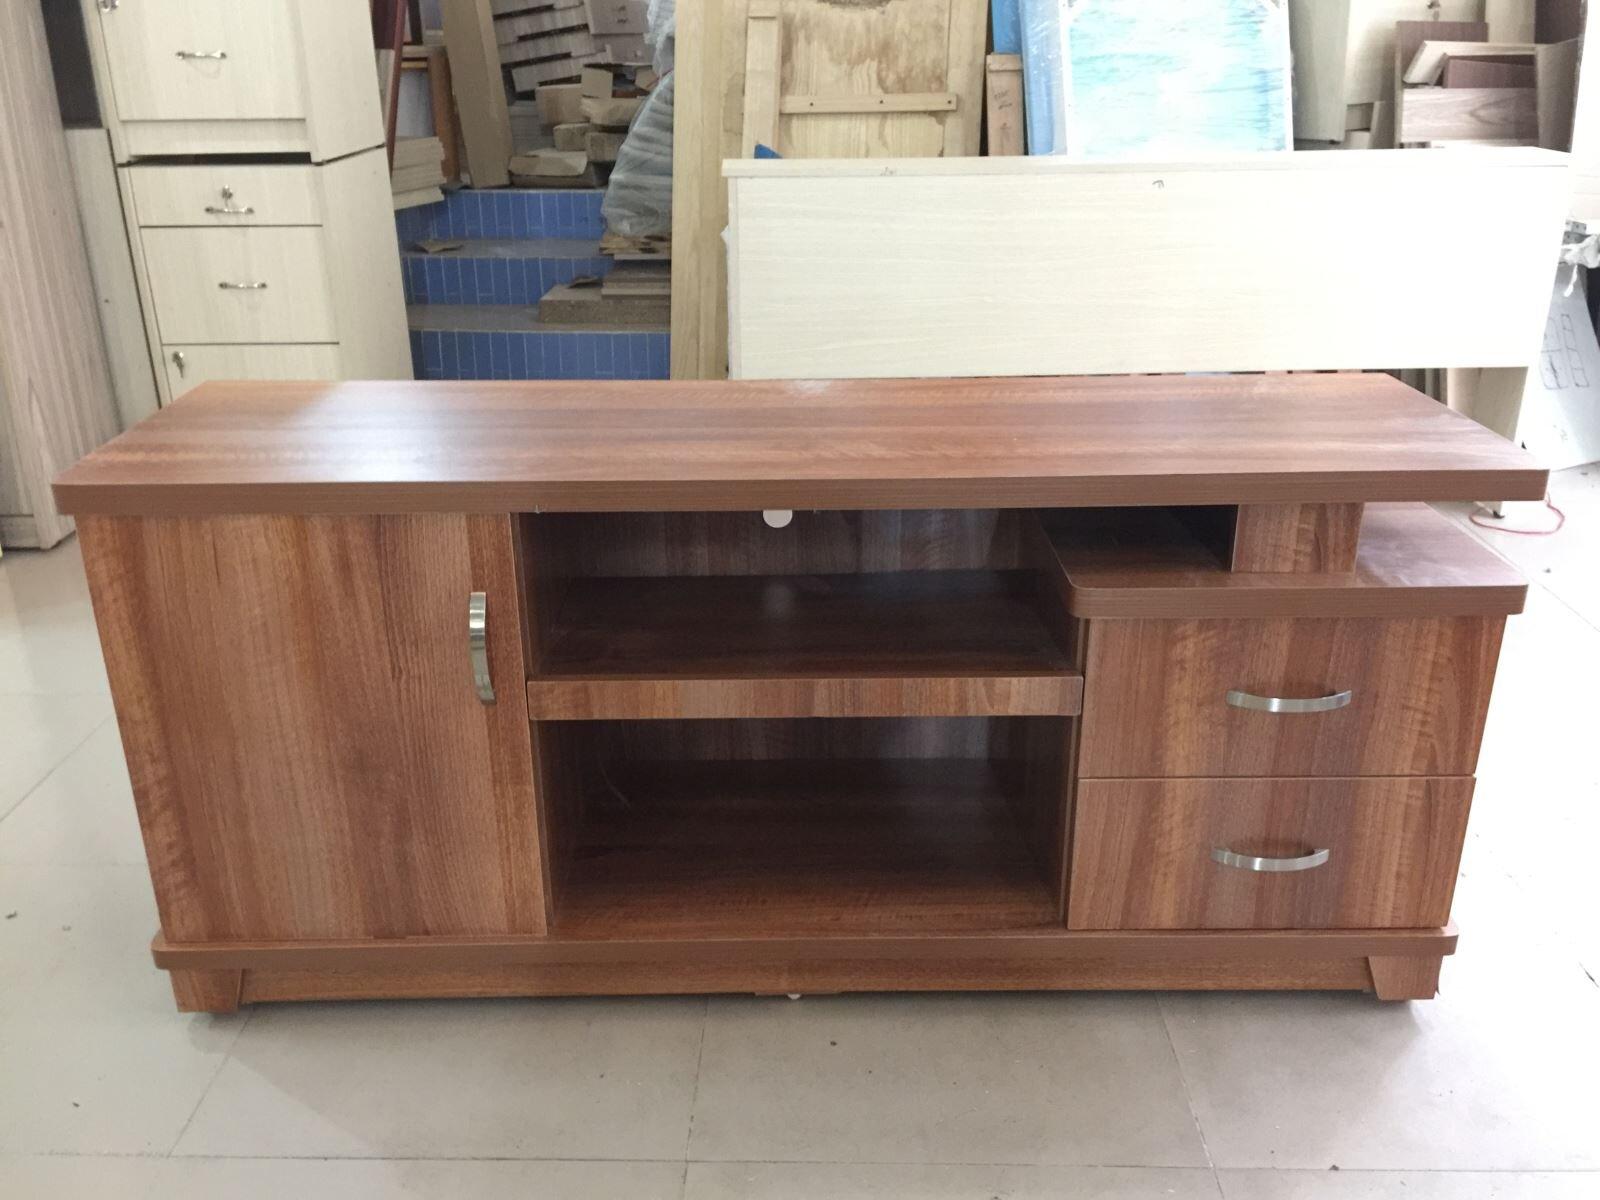 Giá kệ tivi gỗ công nghiệp có rẻ không ?